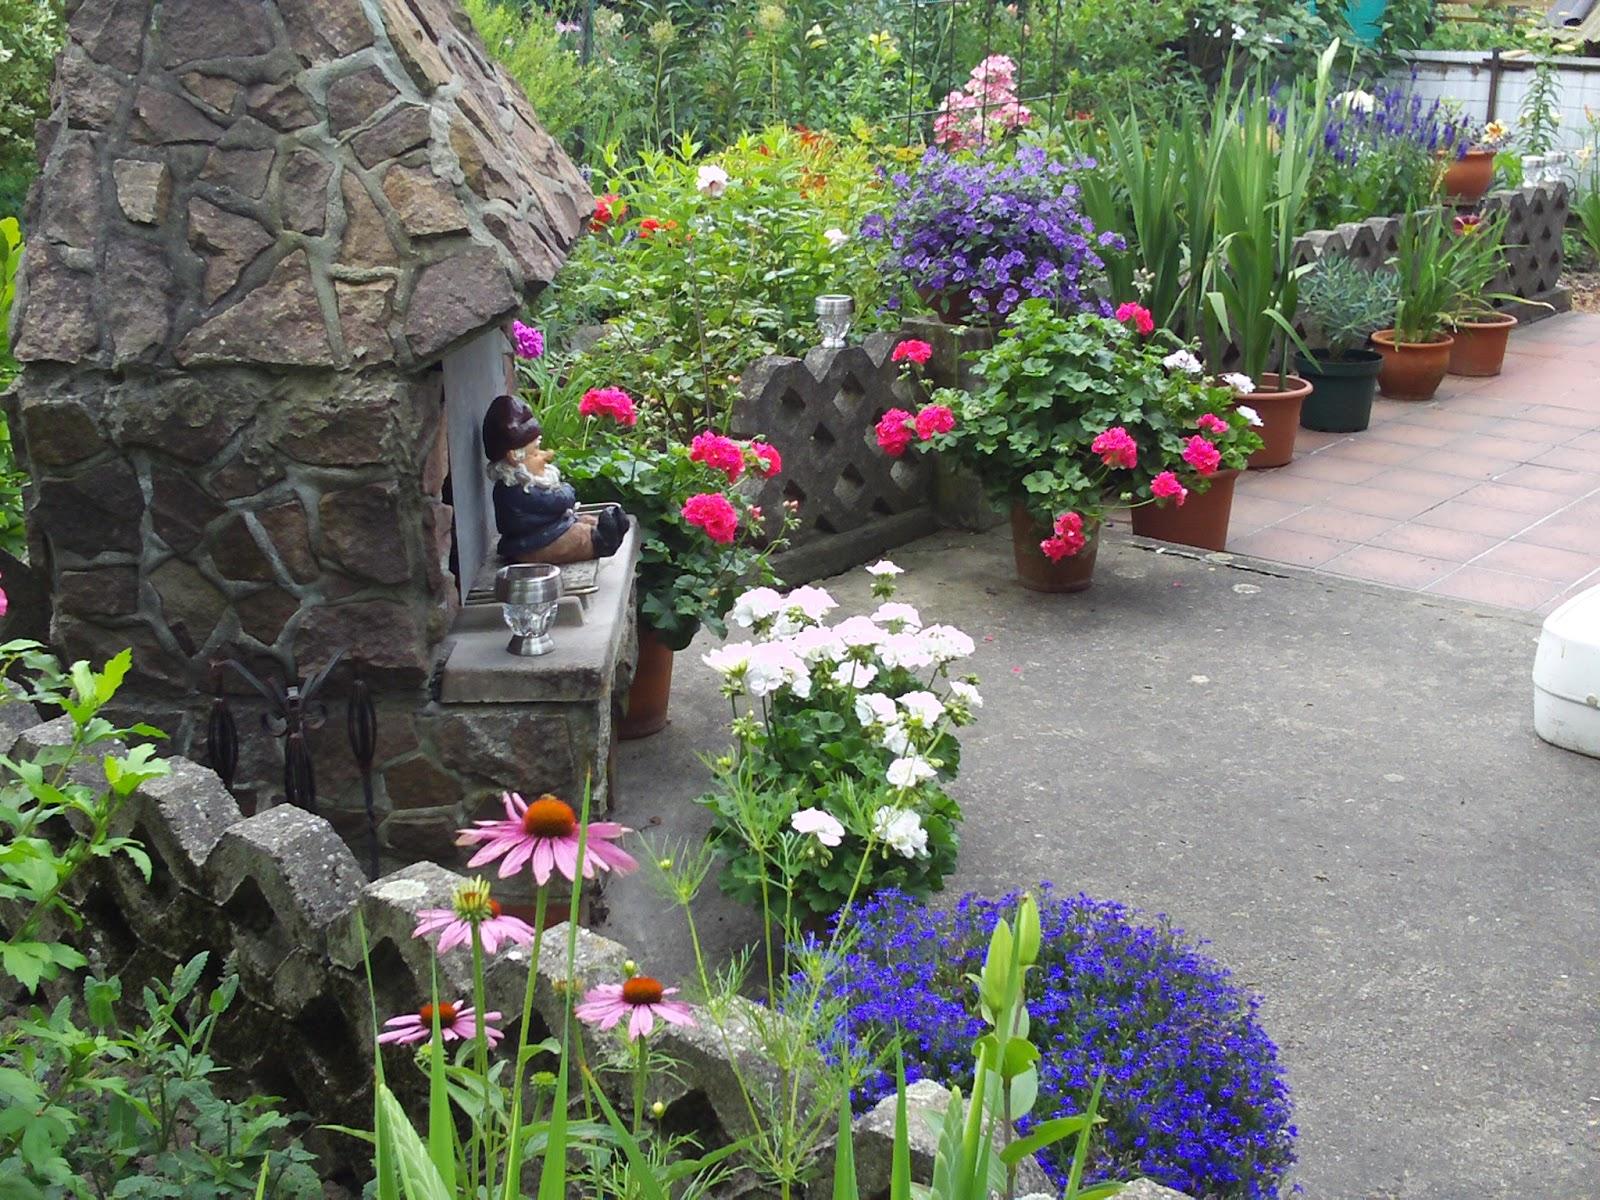 terrasse gestalten mit k belpflanzen gartenelfe. Black Bedroom Furniture Sets. Home Design Ideas